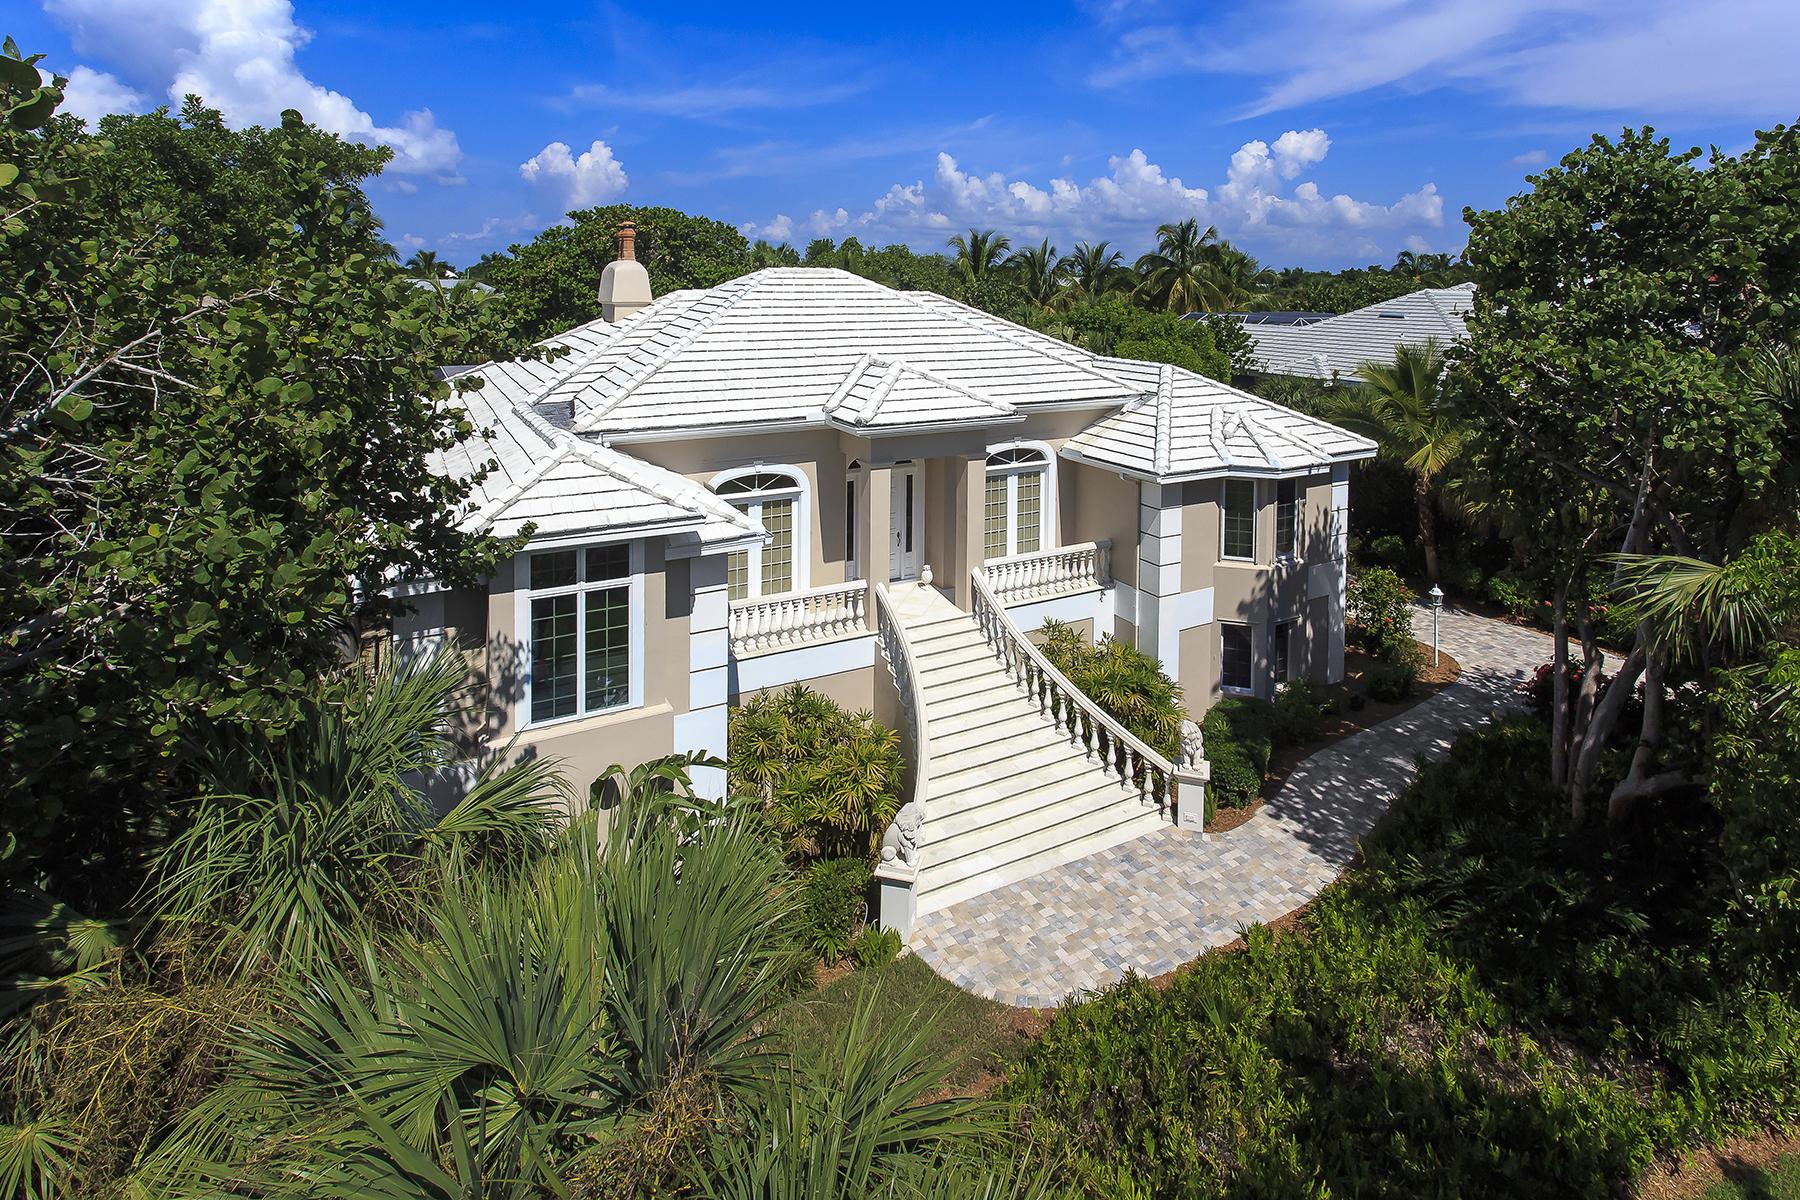 独户住宅 为 销售 在 SANIBEL 626 Kinzie Island Ct 撒你贝尔, 佛罗里达州, 33957 美国